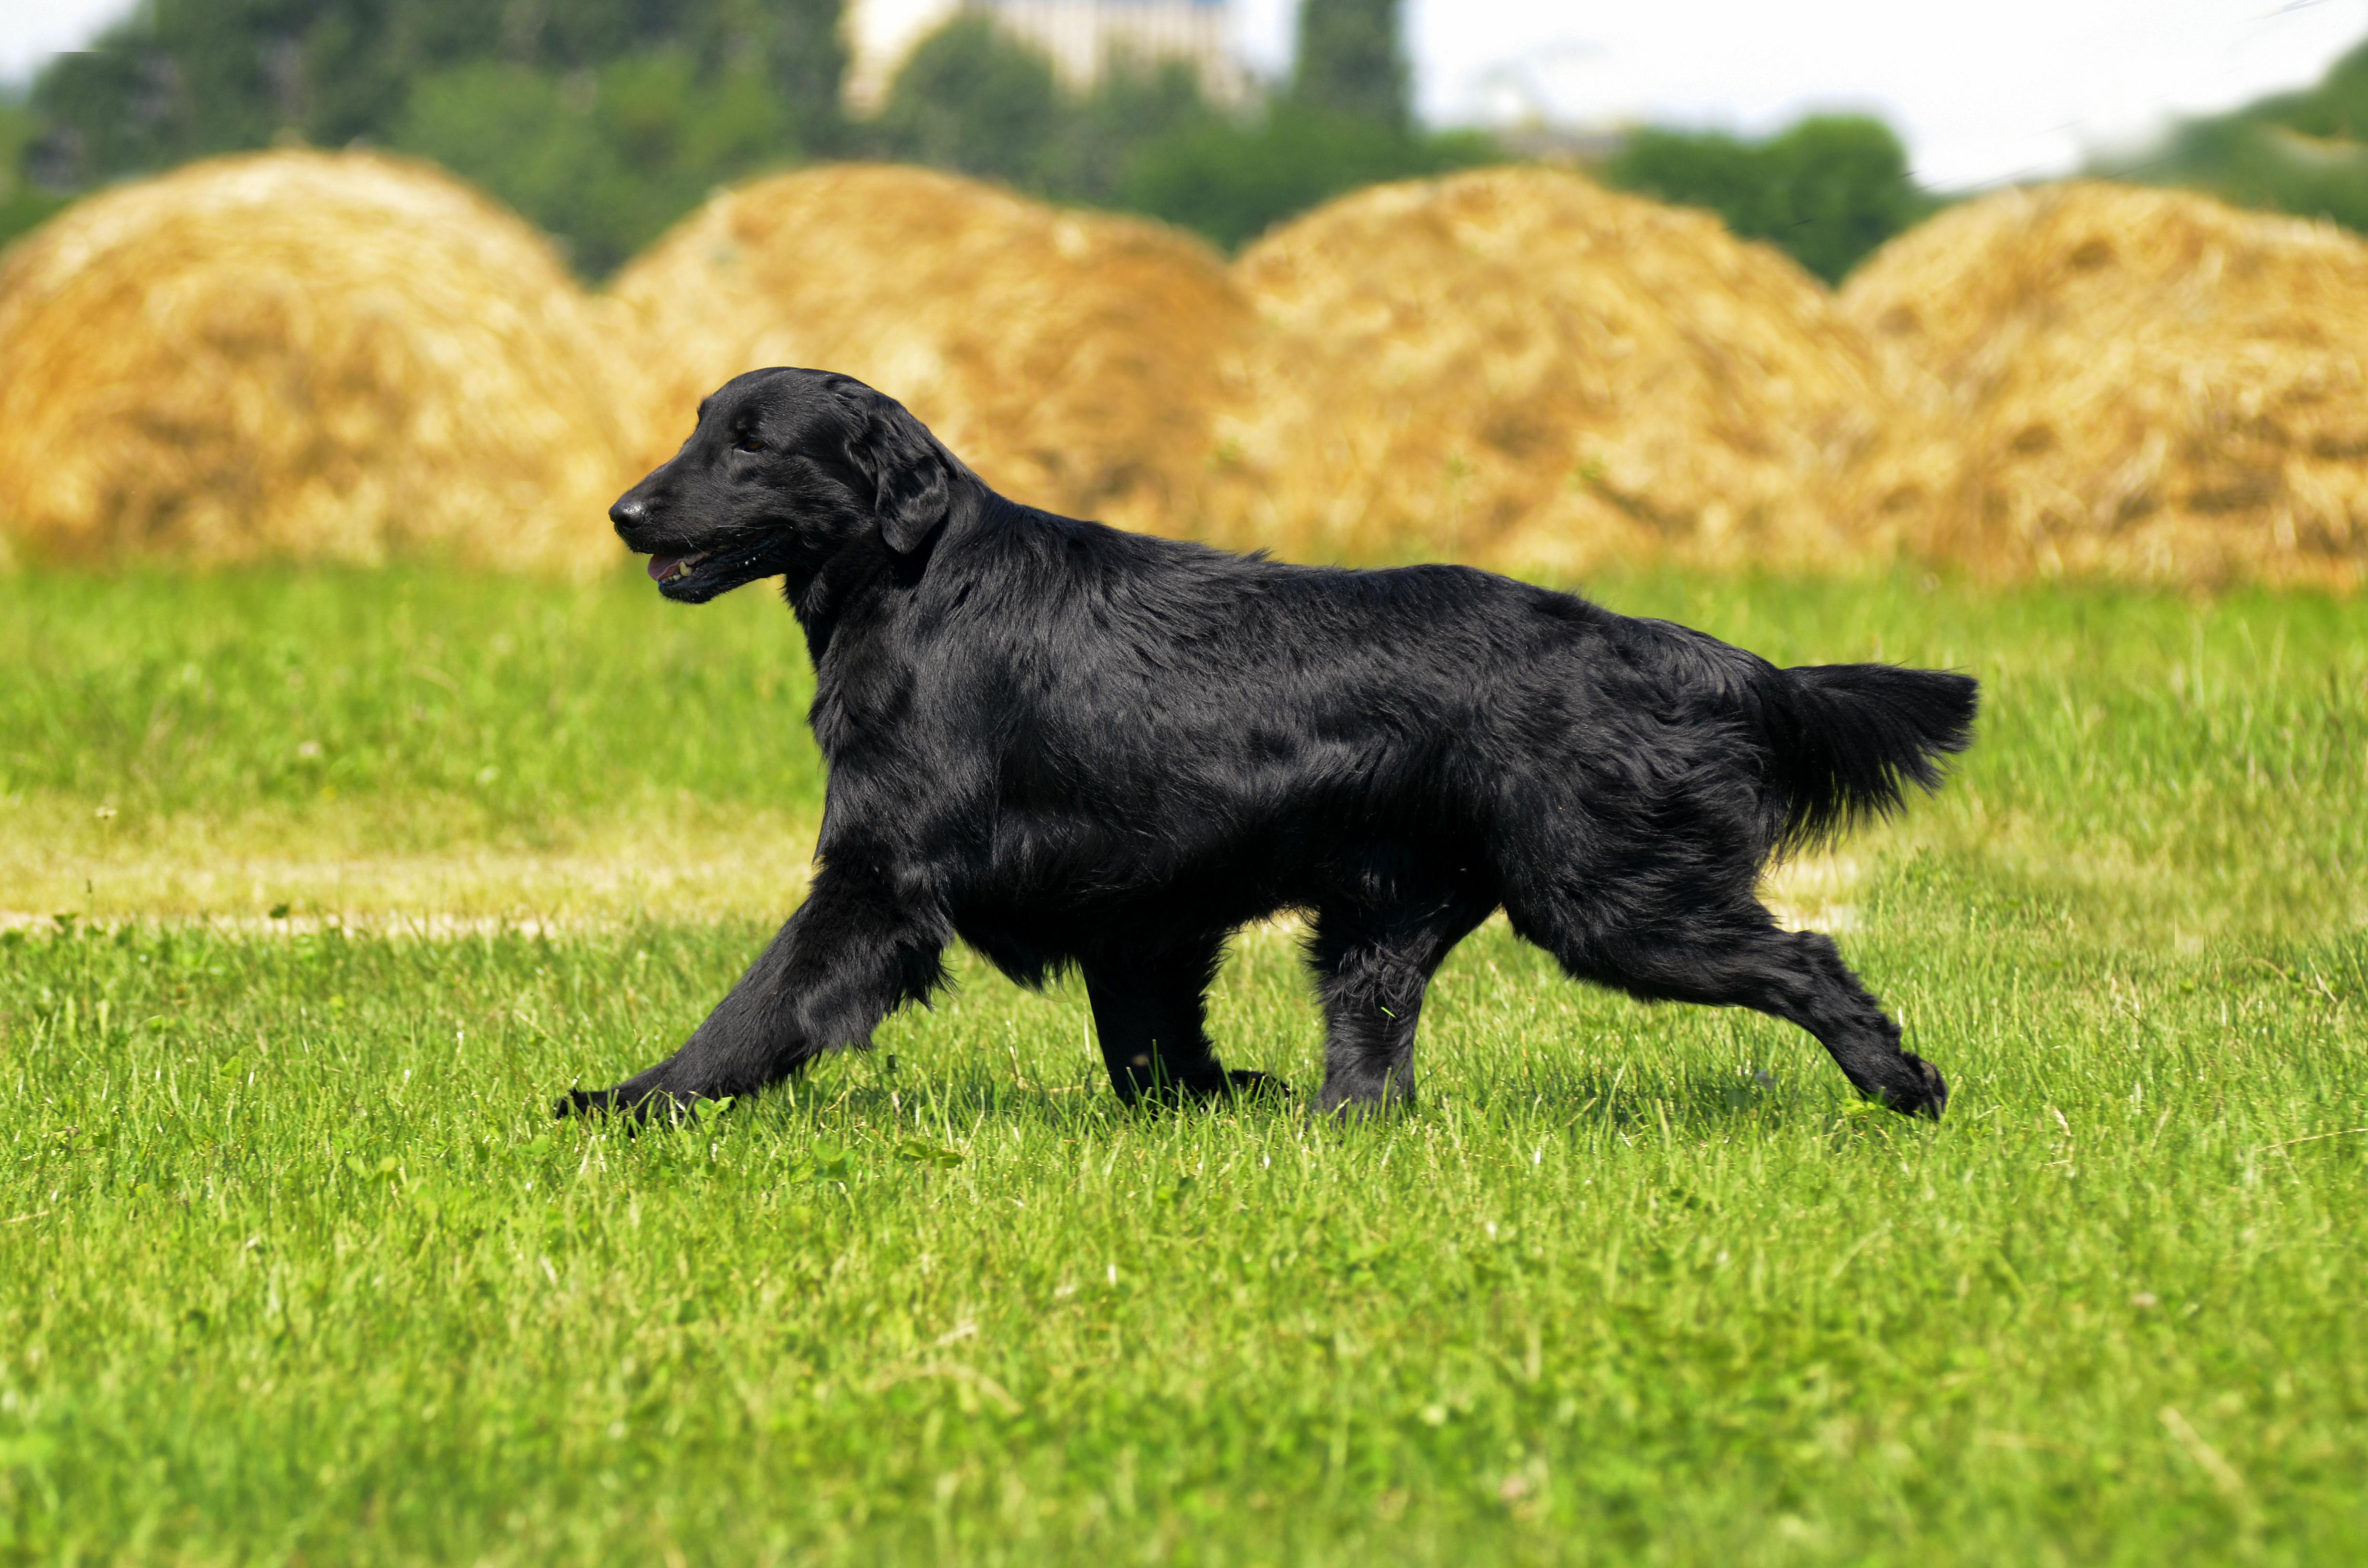 これを見ればフラットコーデッドレトリーバーの全部が分かる!可愛い家族を大切にする飼い主のための豆知識。